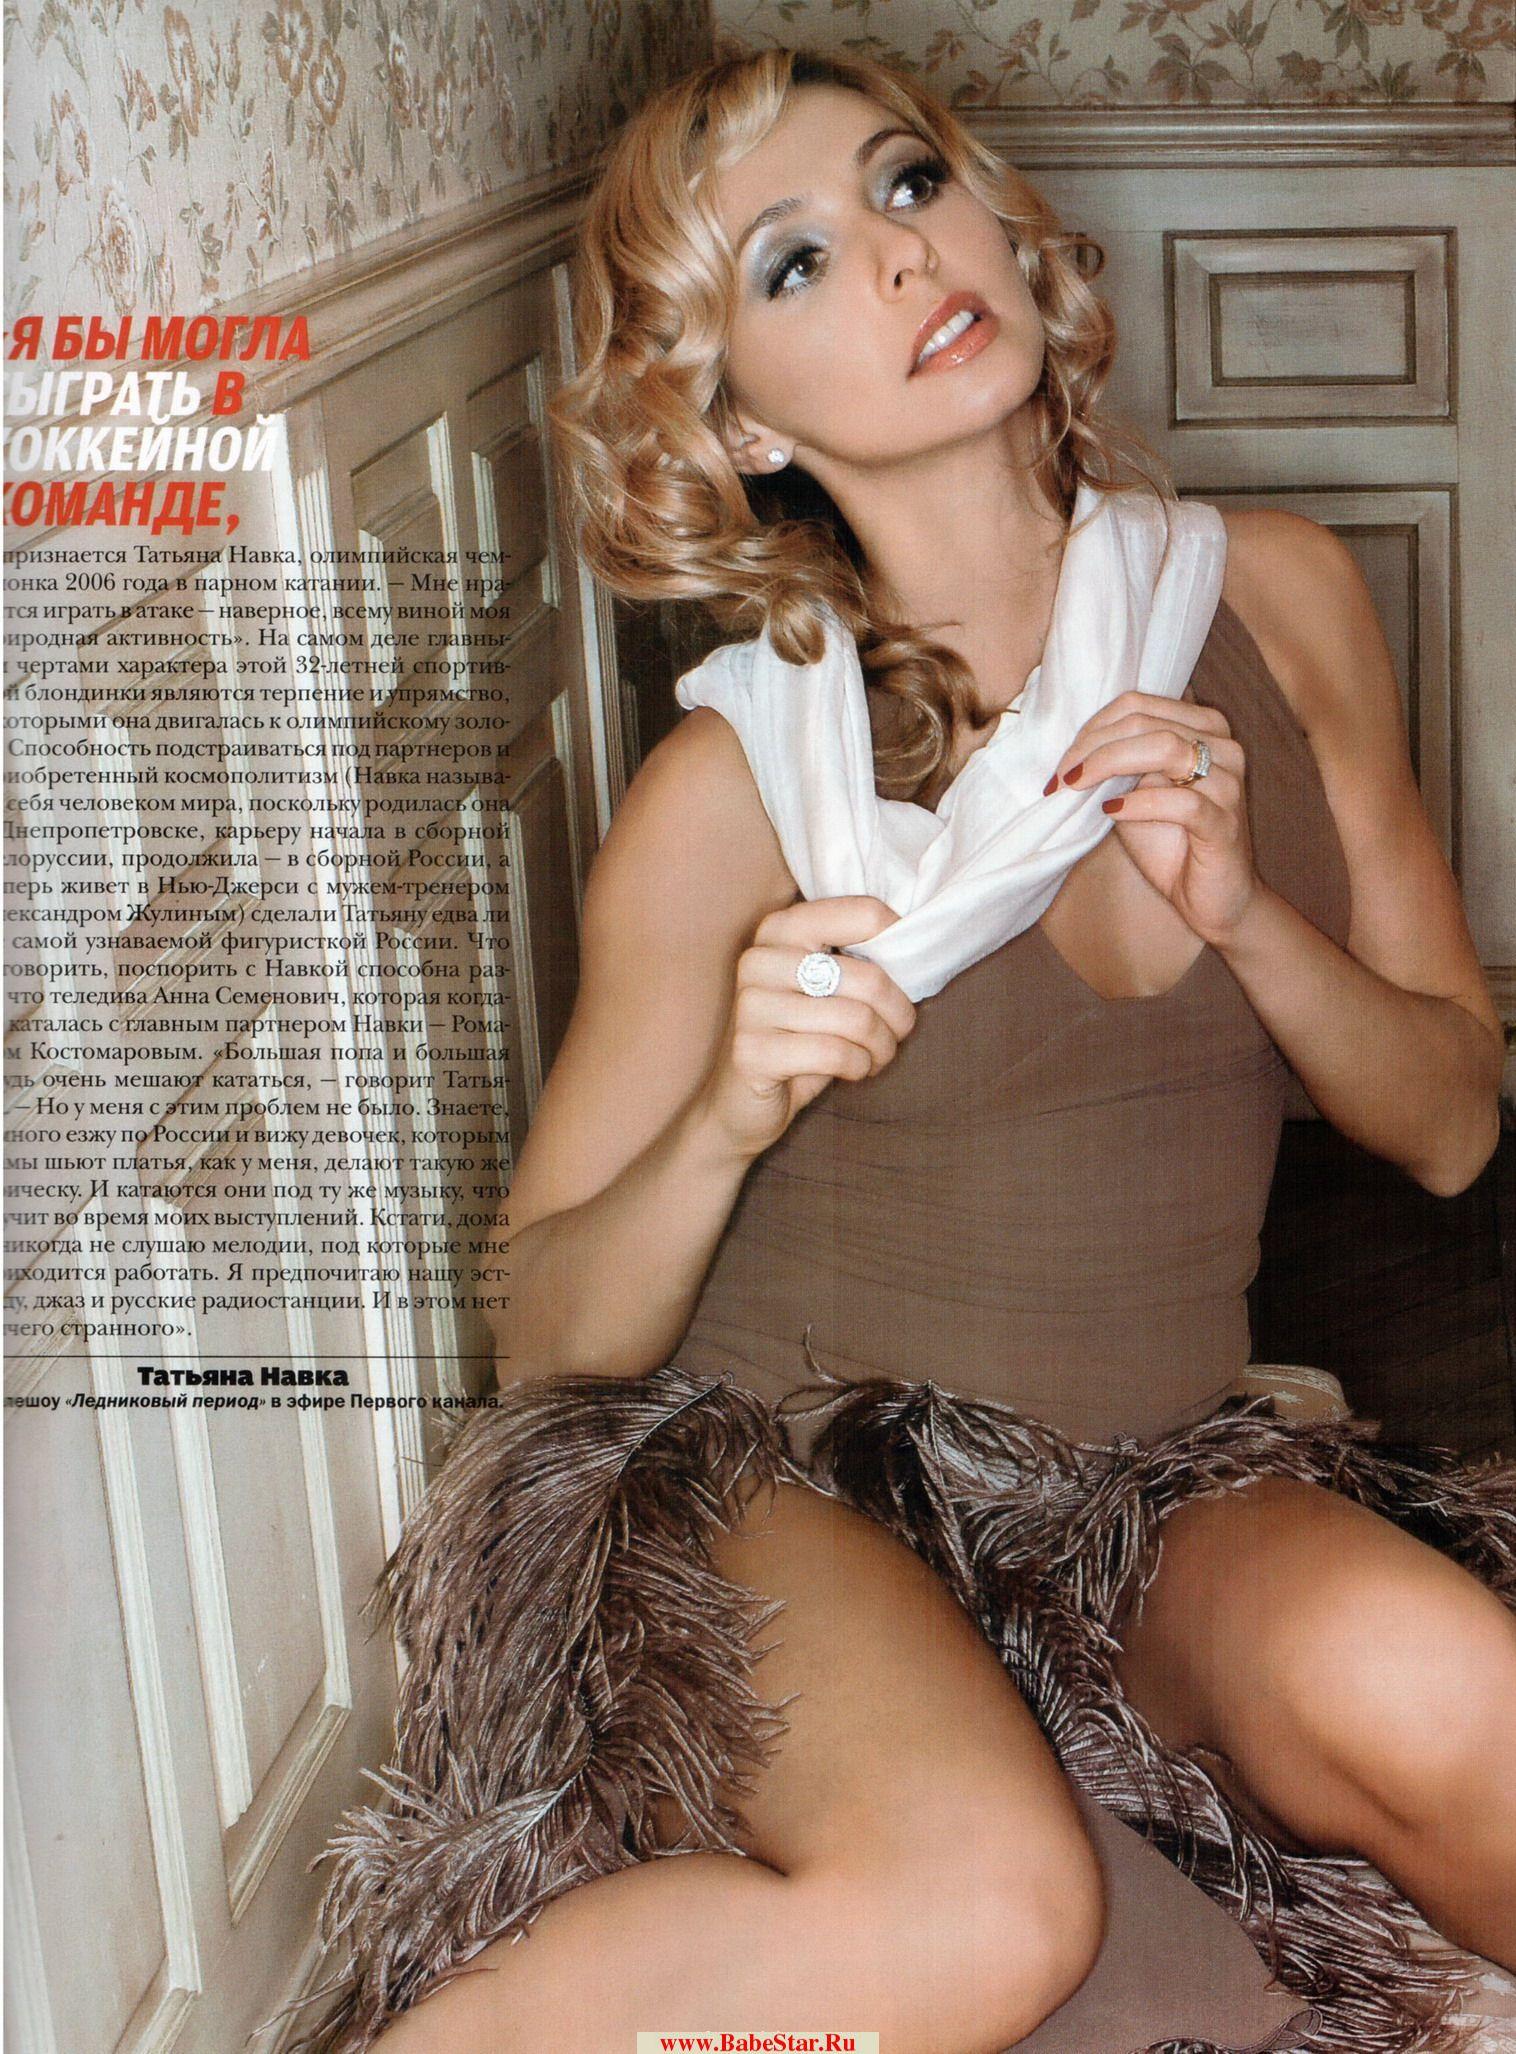 Порно актриса zella